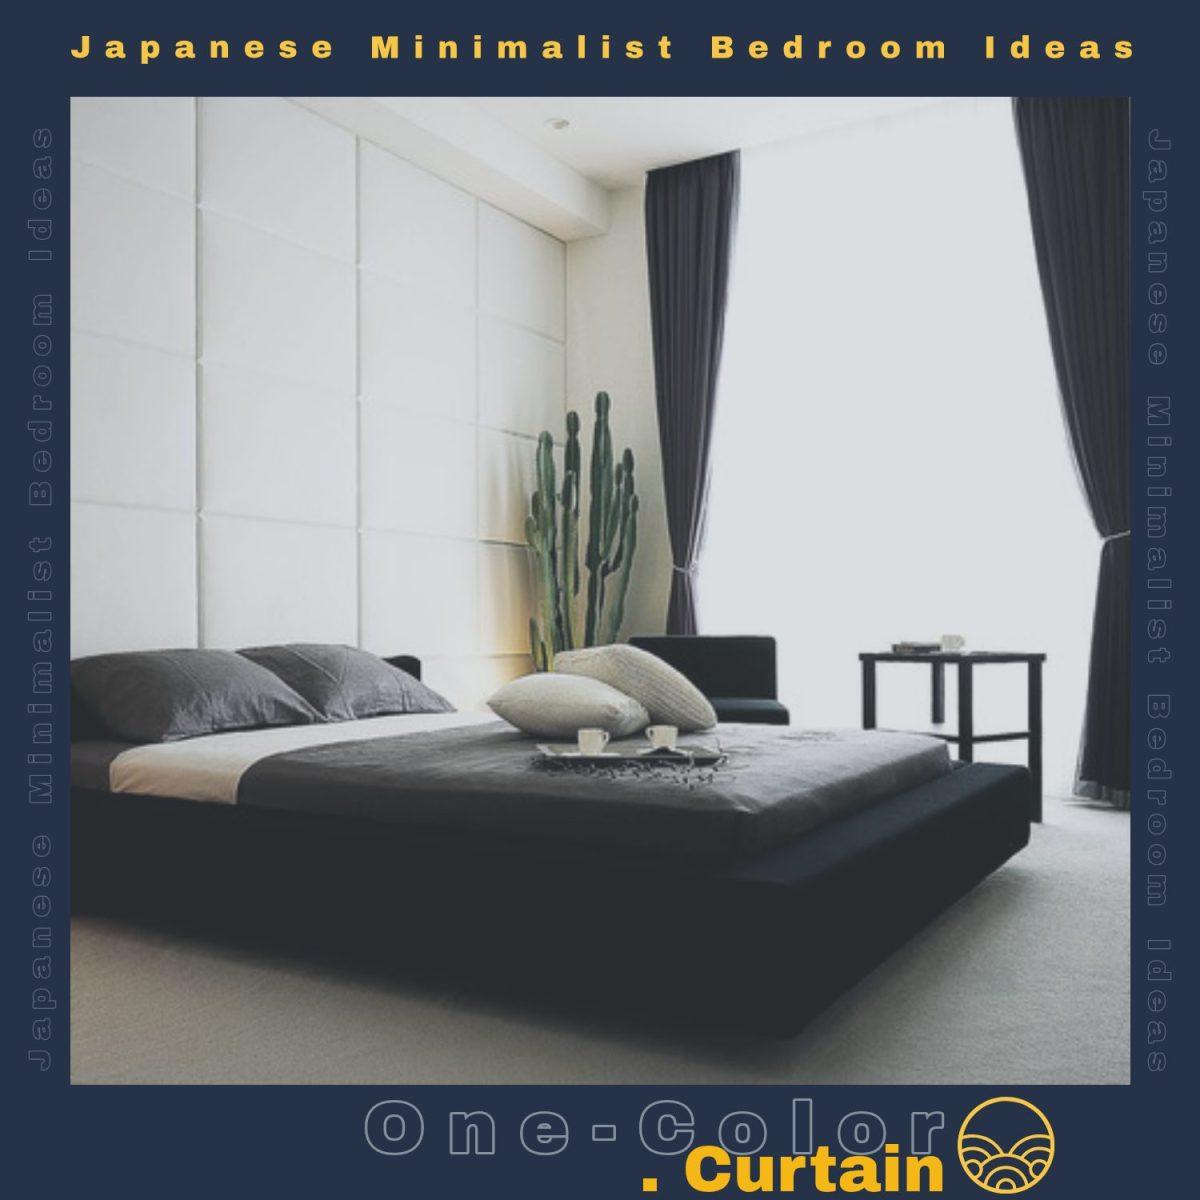 Japanese Minimalist Bedroom Ideas